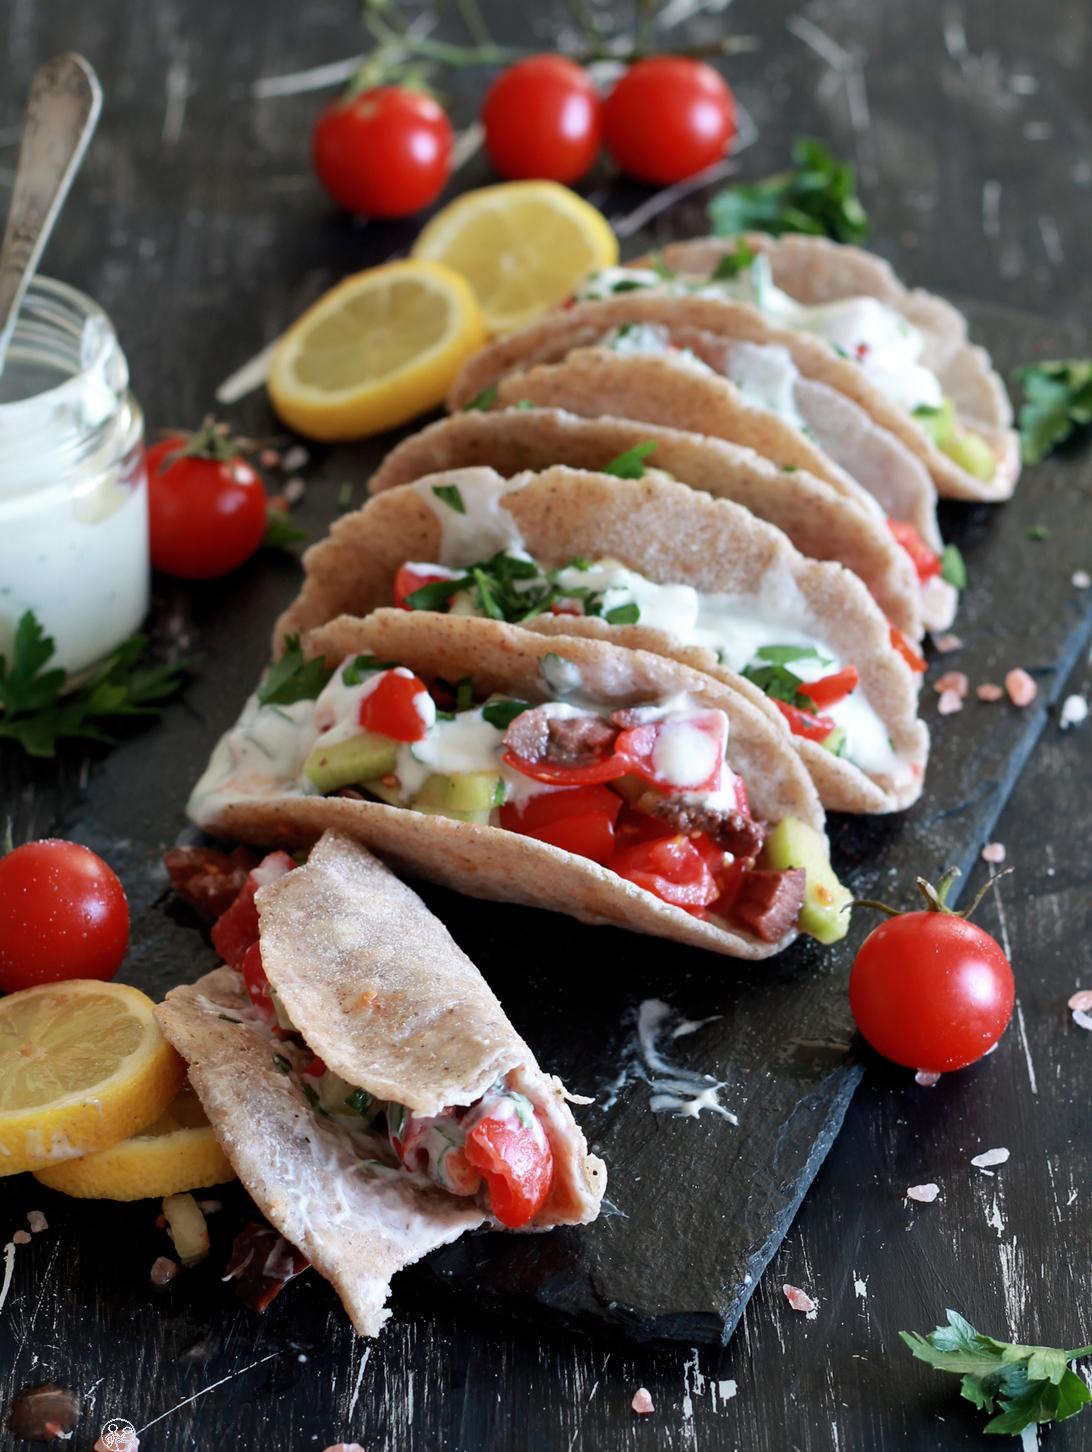 Finti tacos sFinti tacos senza glutine al grano saraceno - La Cassata Celiacaenza glutine al grano saraceno - La Cassata Celiaca